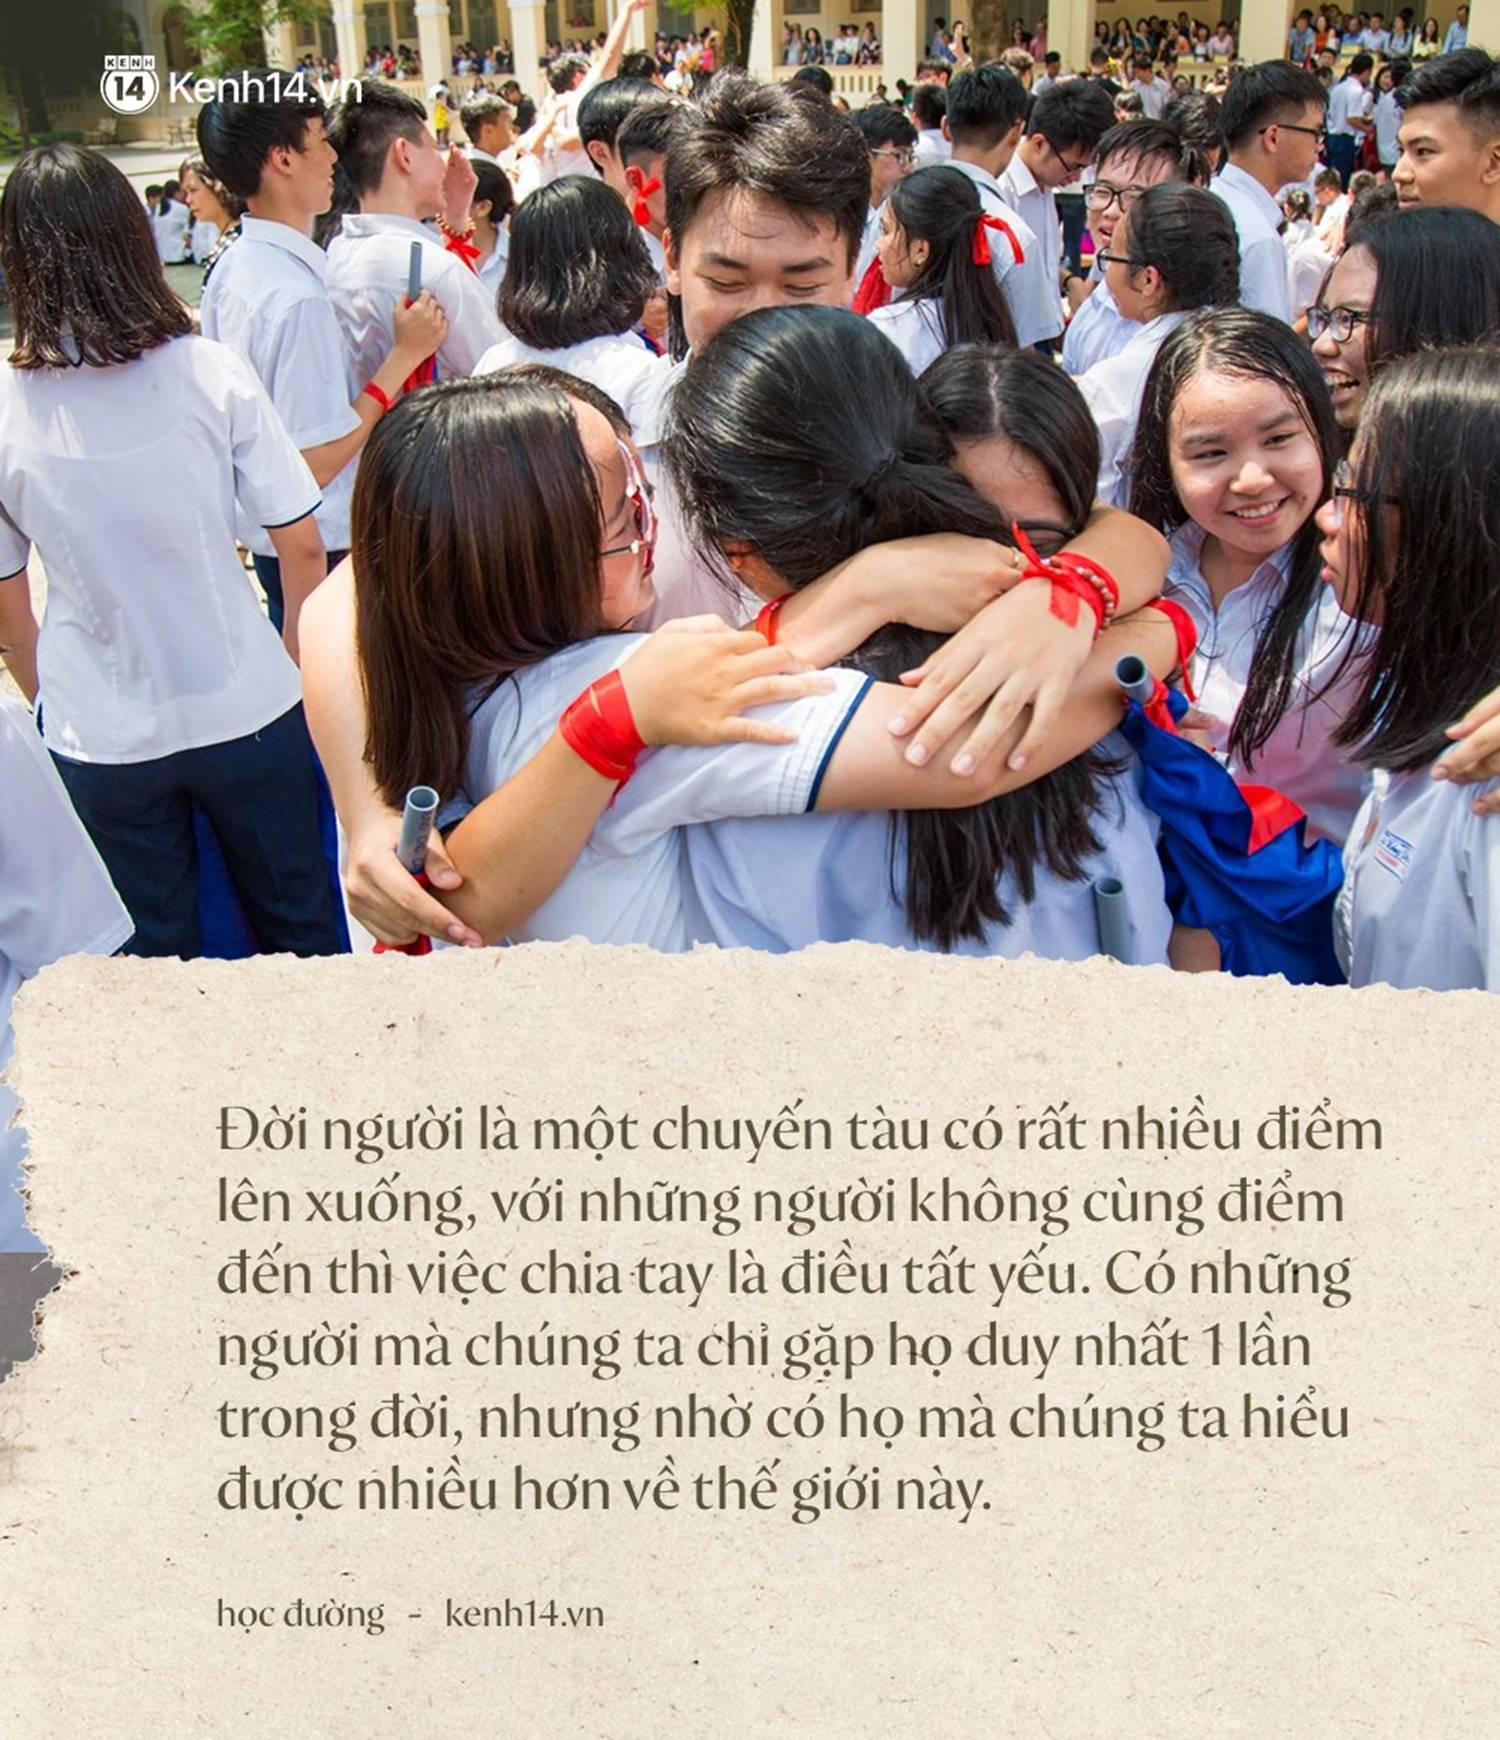 Tại sao học sinh lớp 12 khóc như mưa trong ngày bế giảng nhưng vài năm sau họp lớp không ai đi?-4